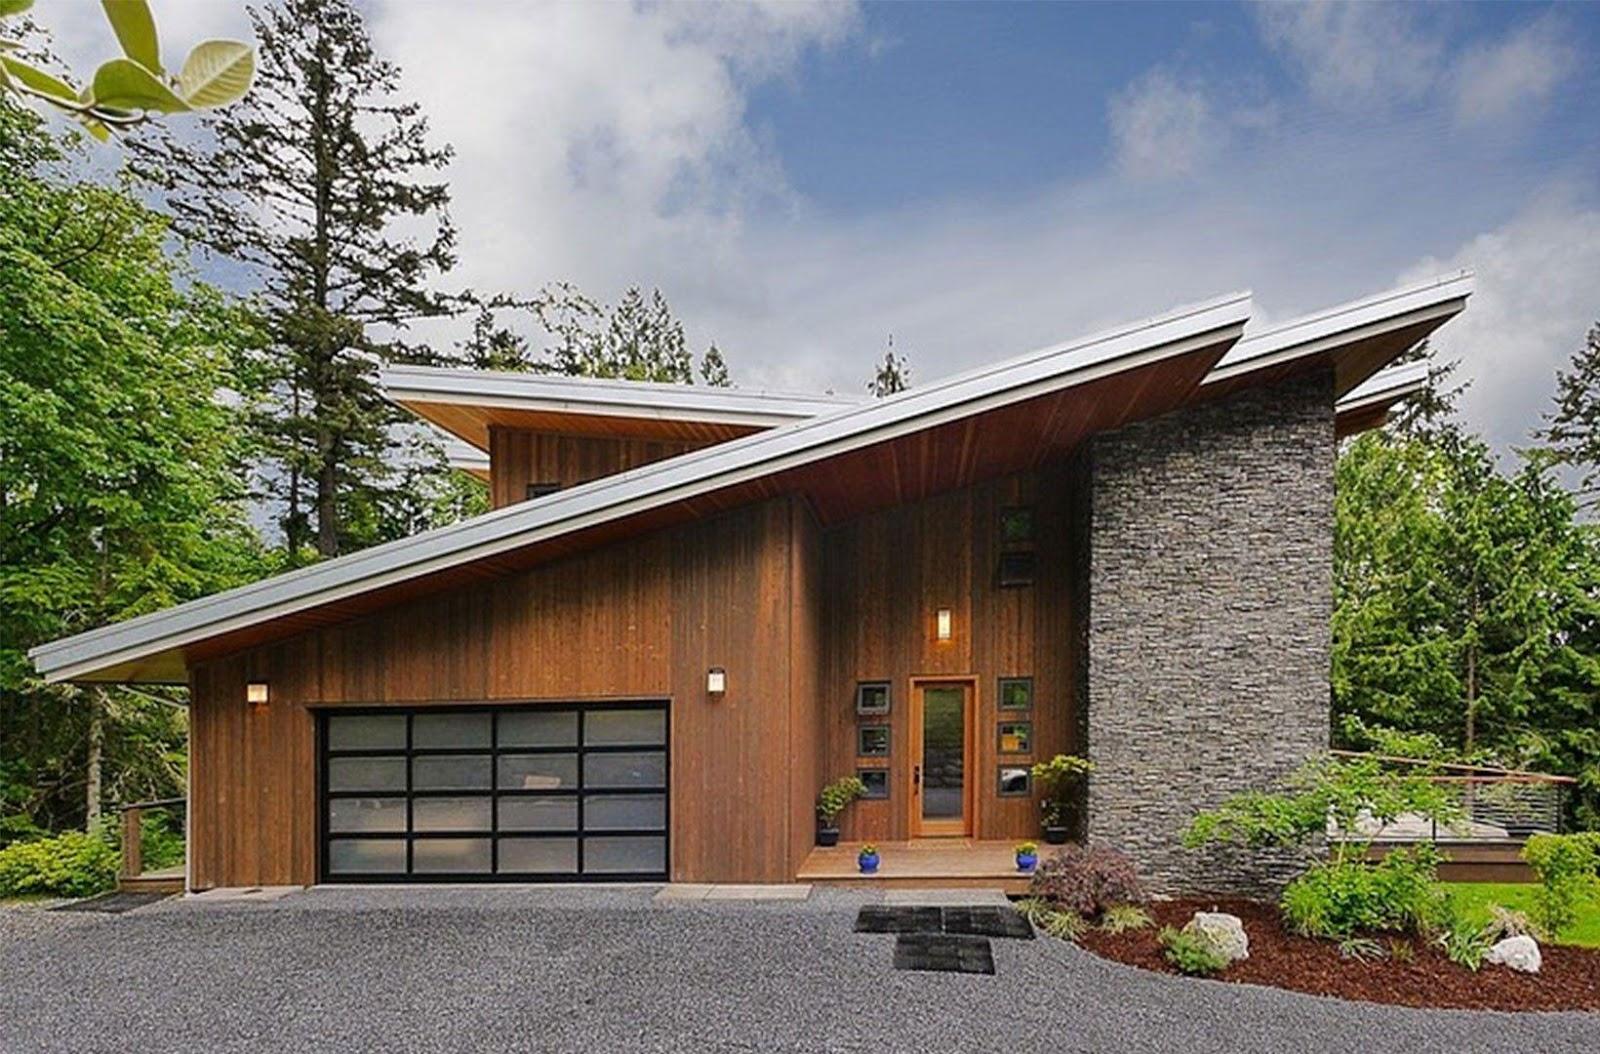 7 Macam Bentuk Atap Rumah Populer Dan Fungsi Desainnya